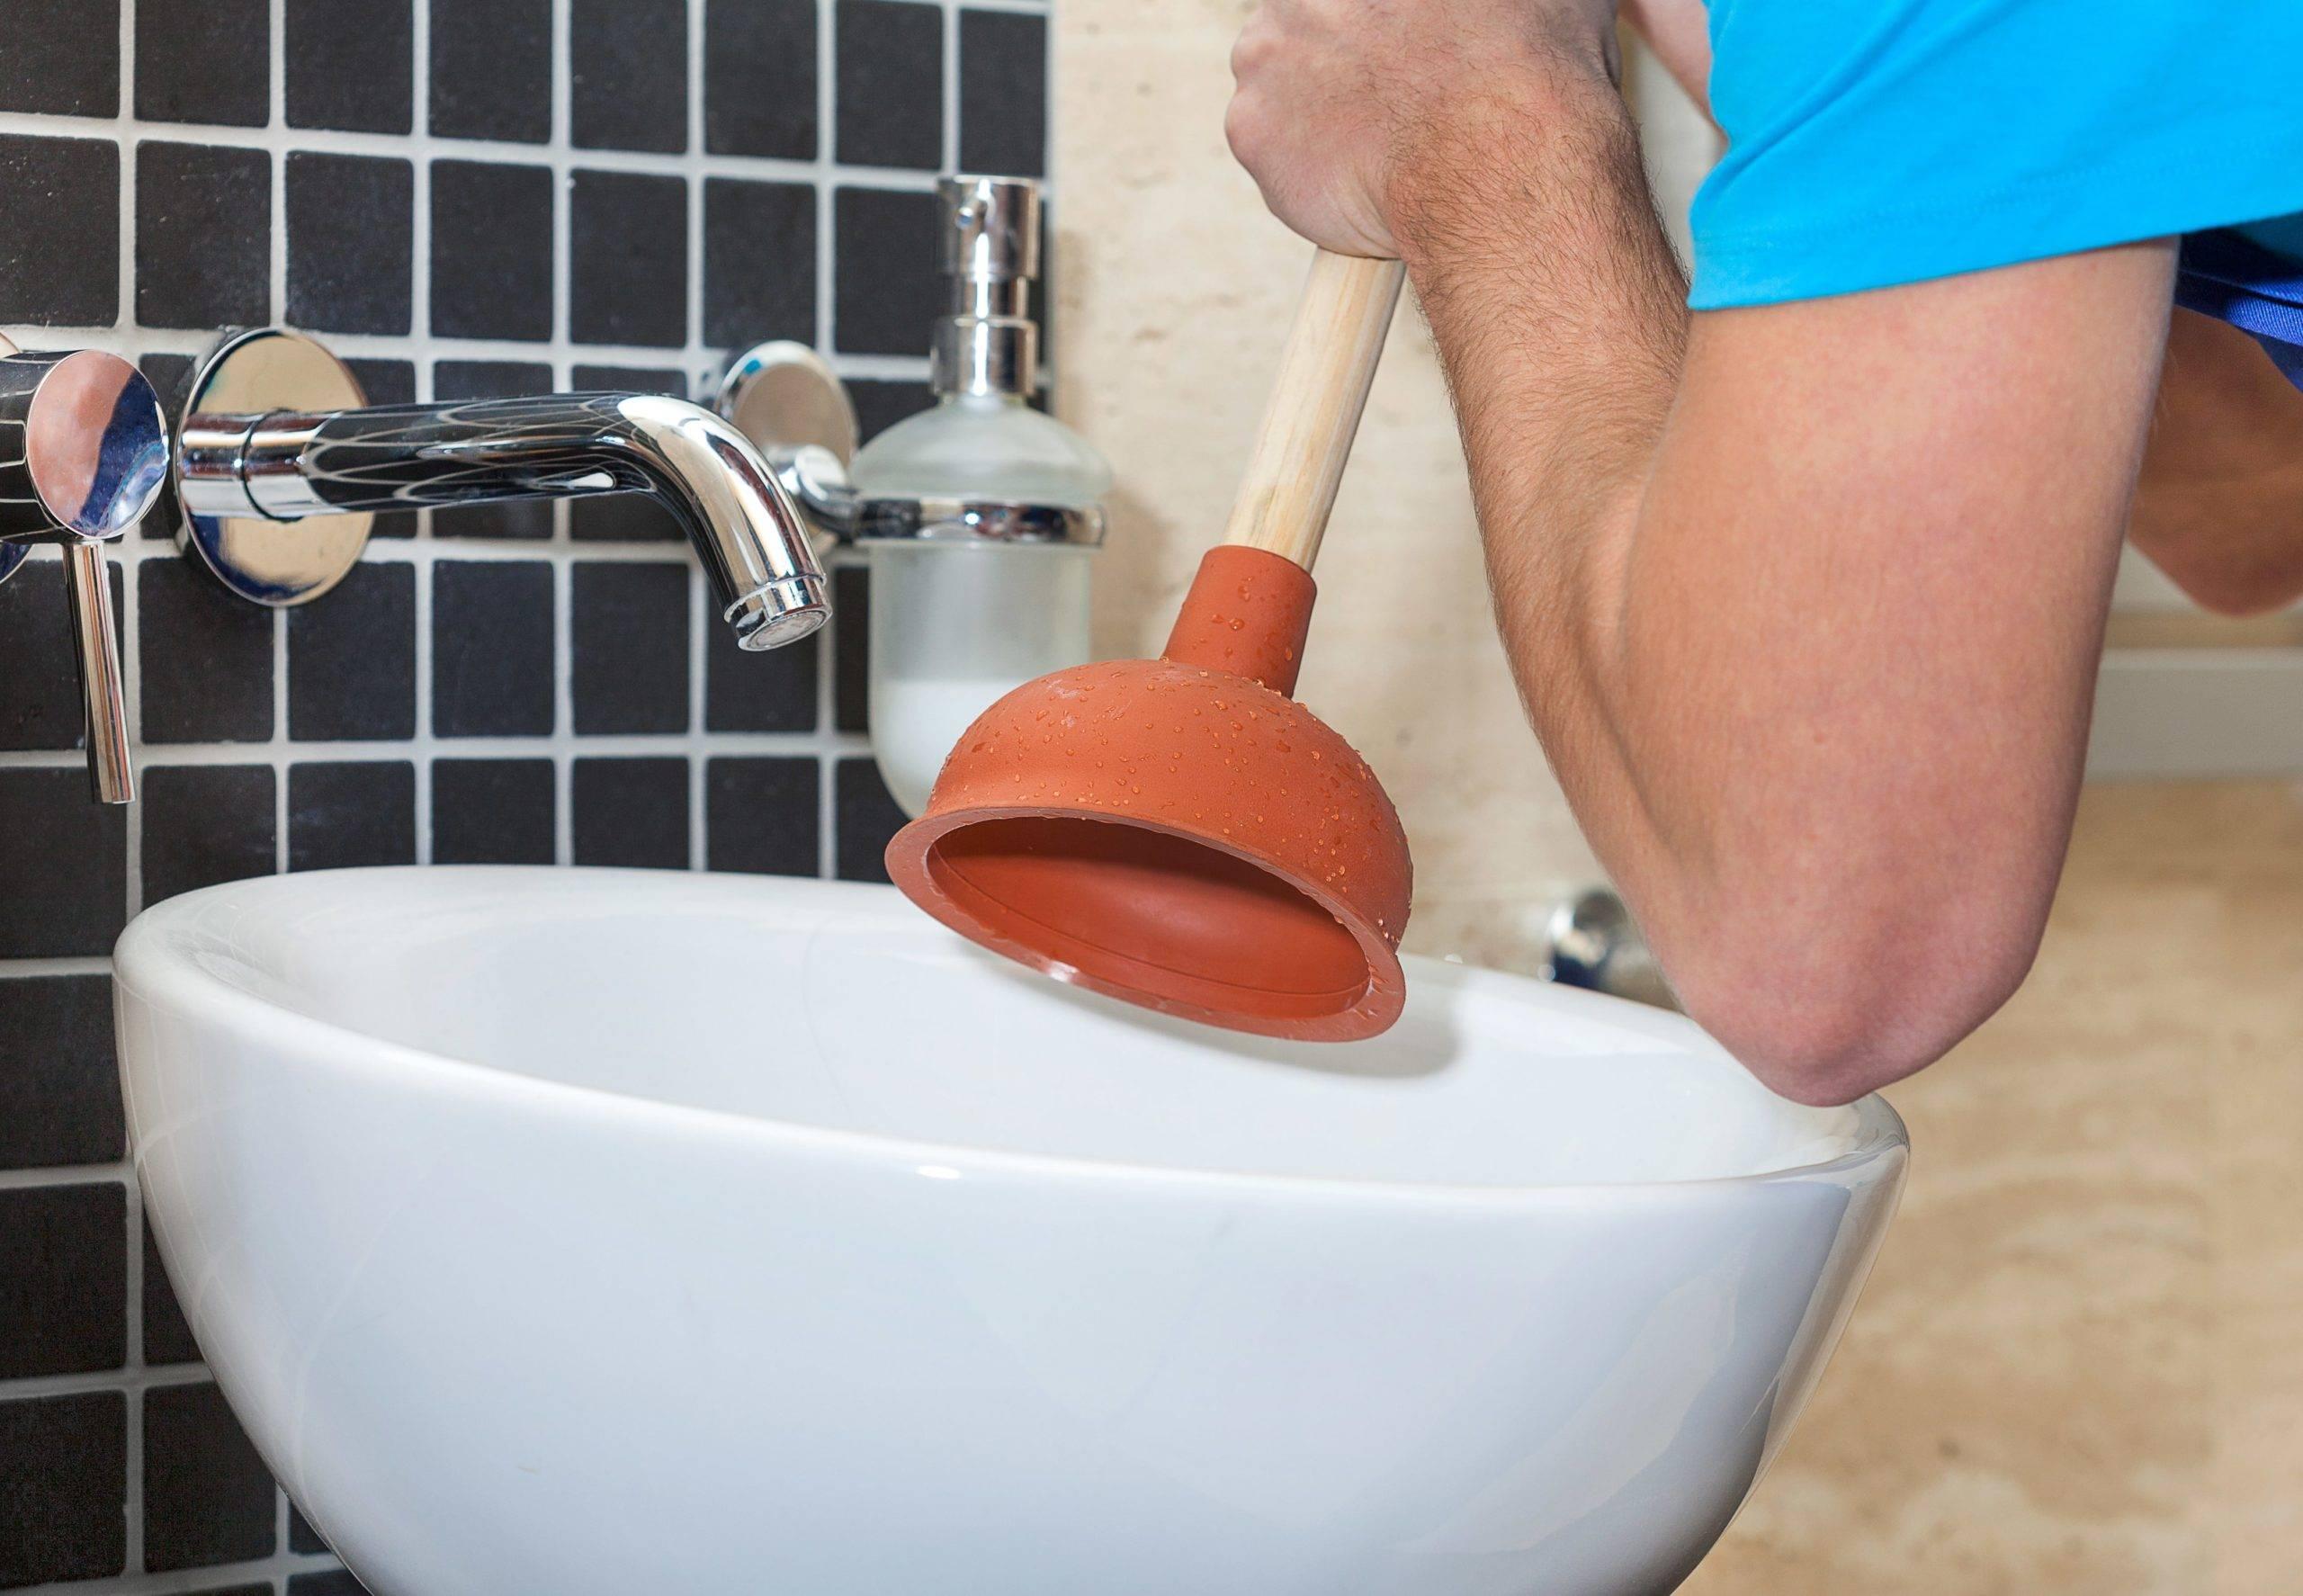 Устранение засоров канализации в частном доме в москве и московской области